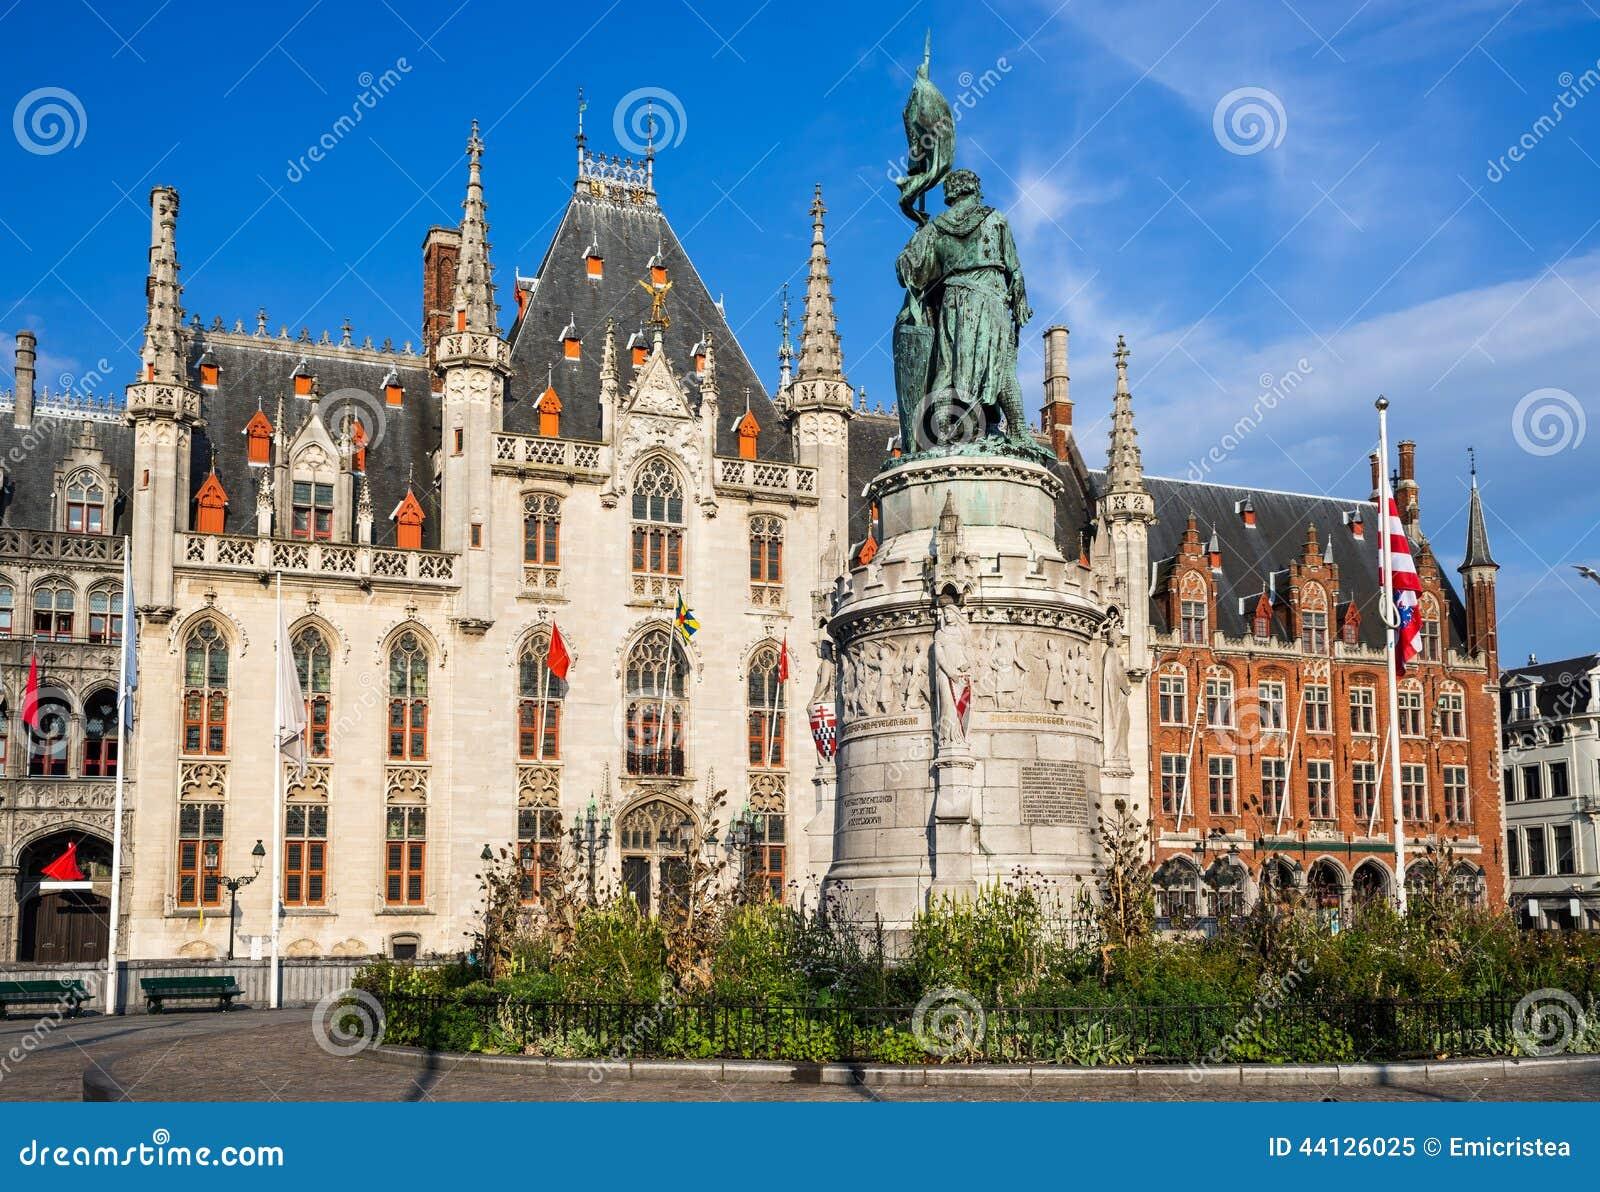 Grote Markt, Bruges, Flanders